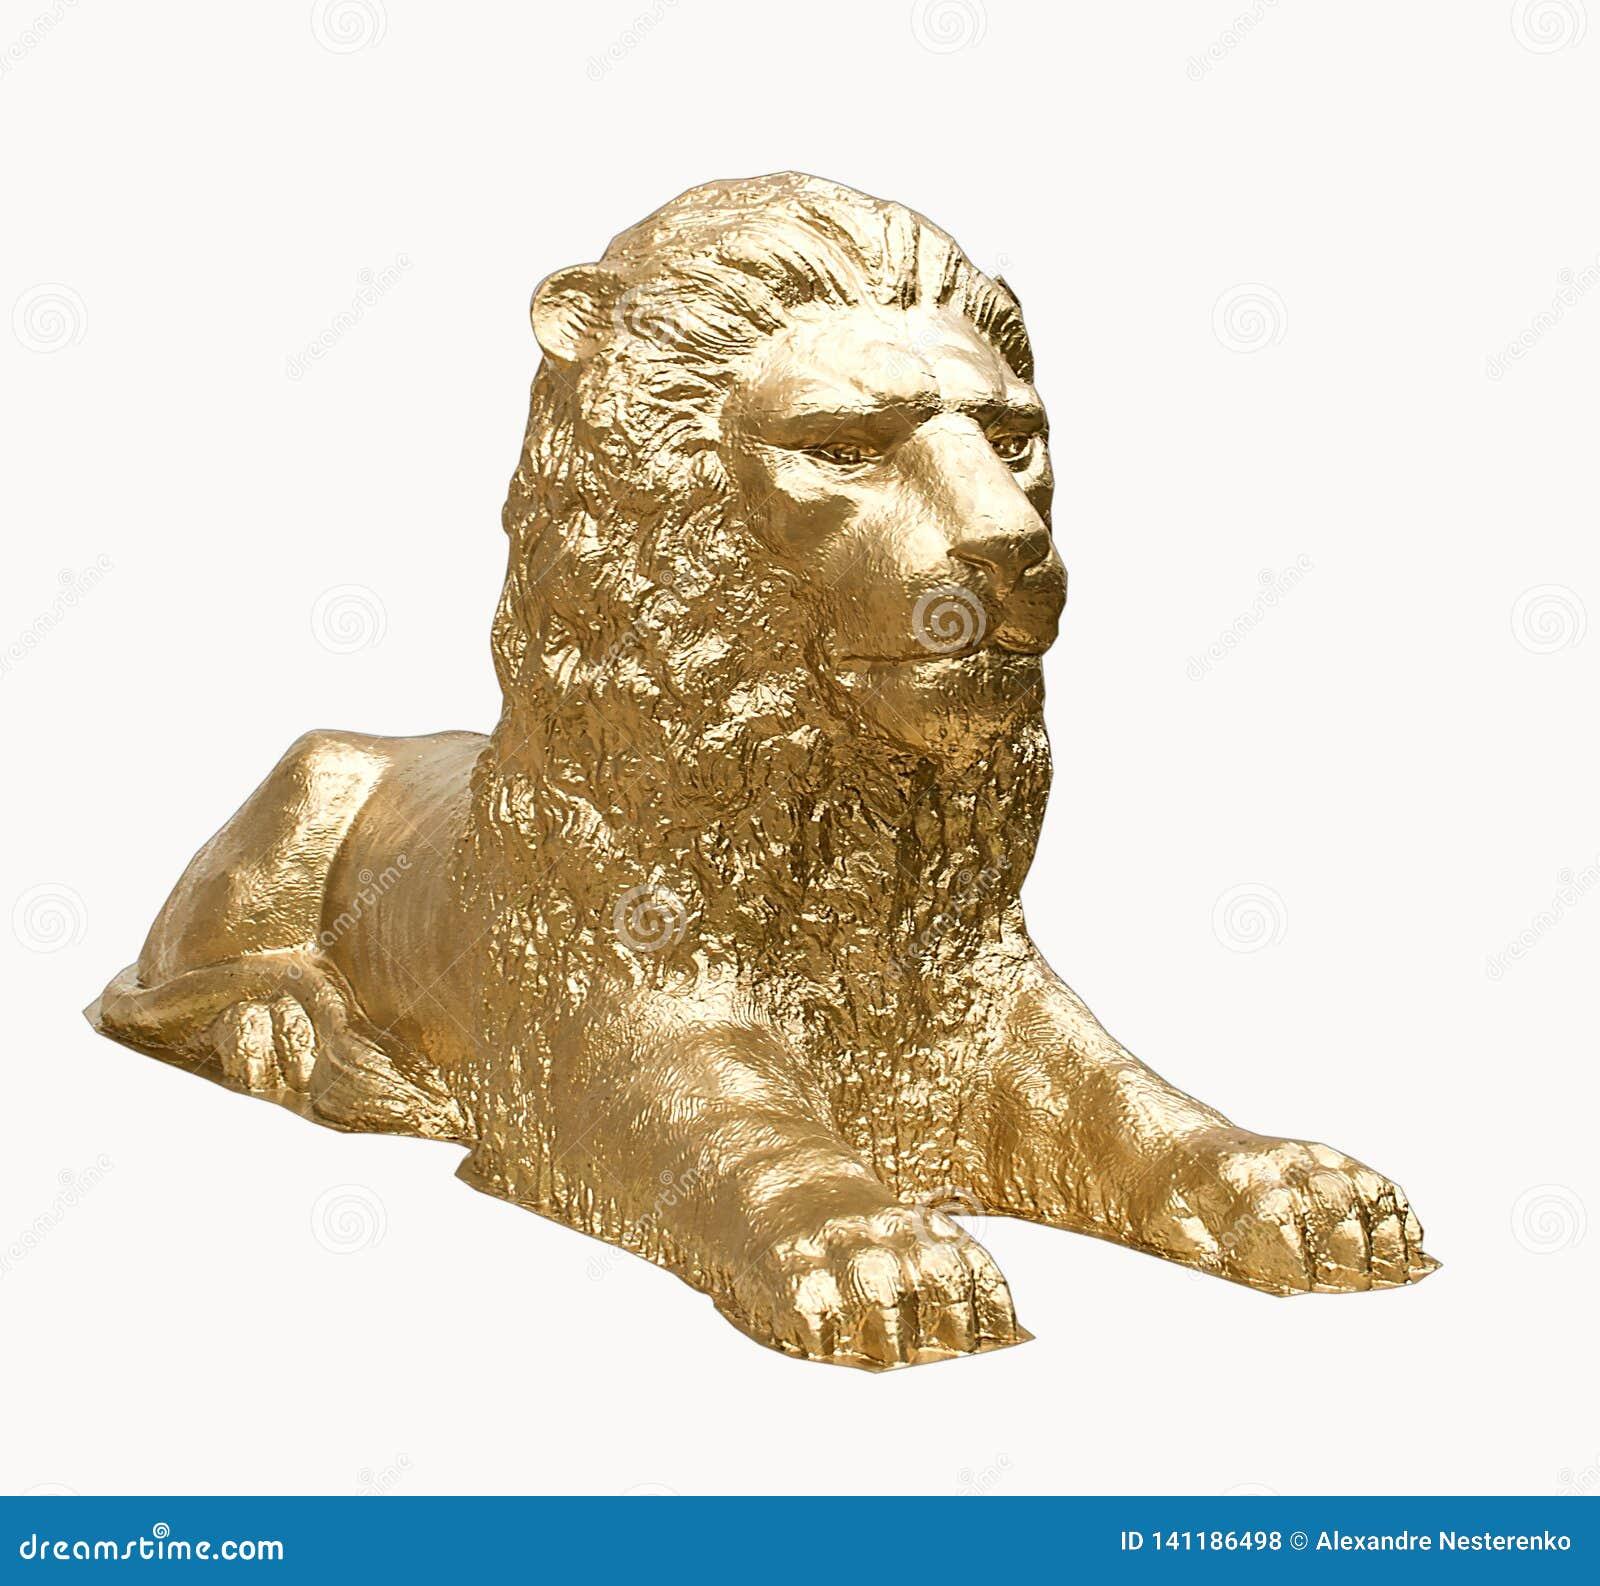 Można, majestatyczna, straszna rzeźba lew,